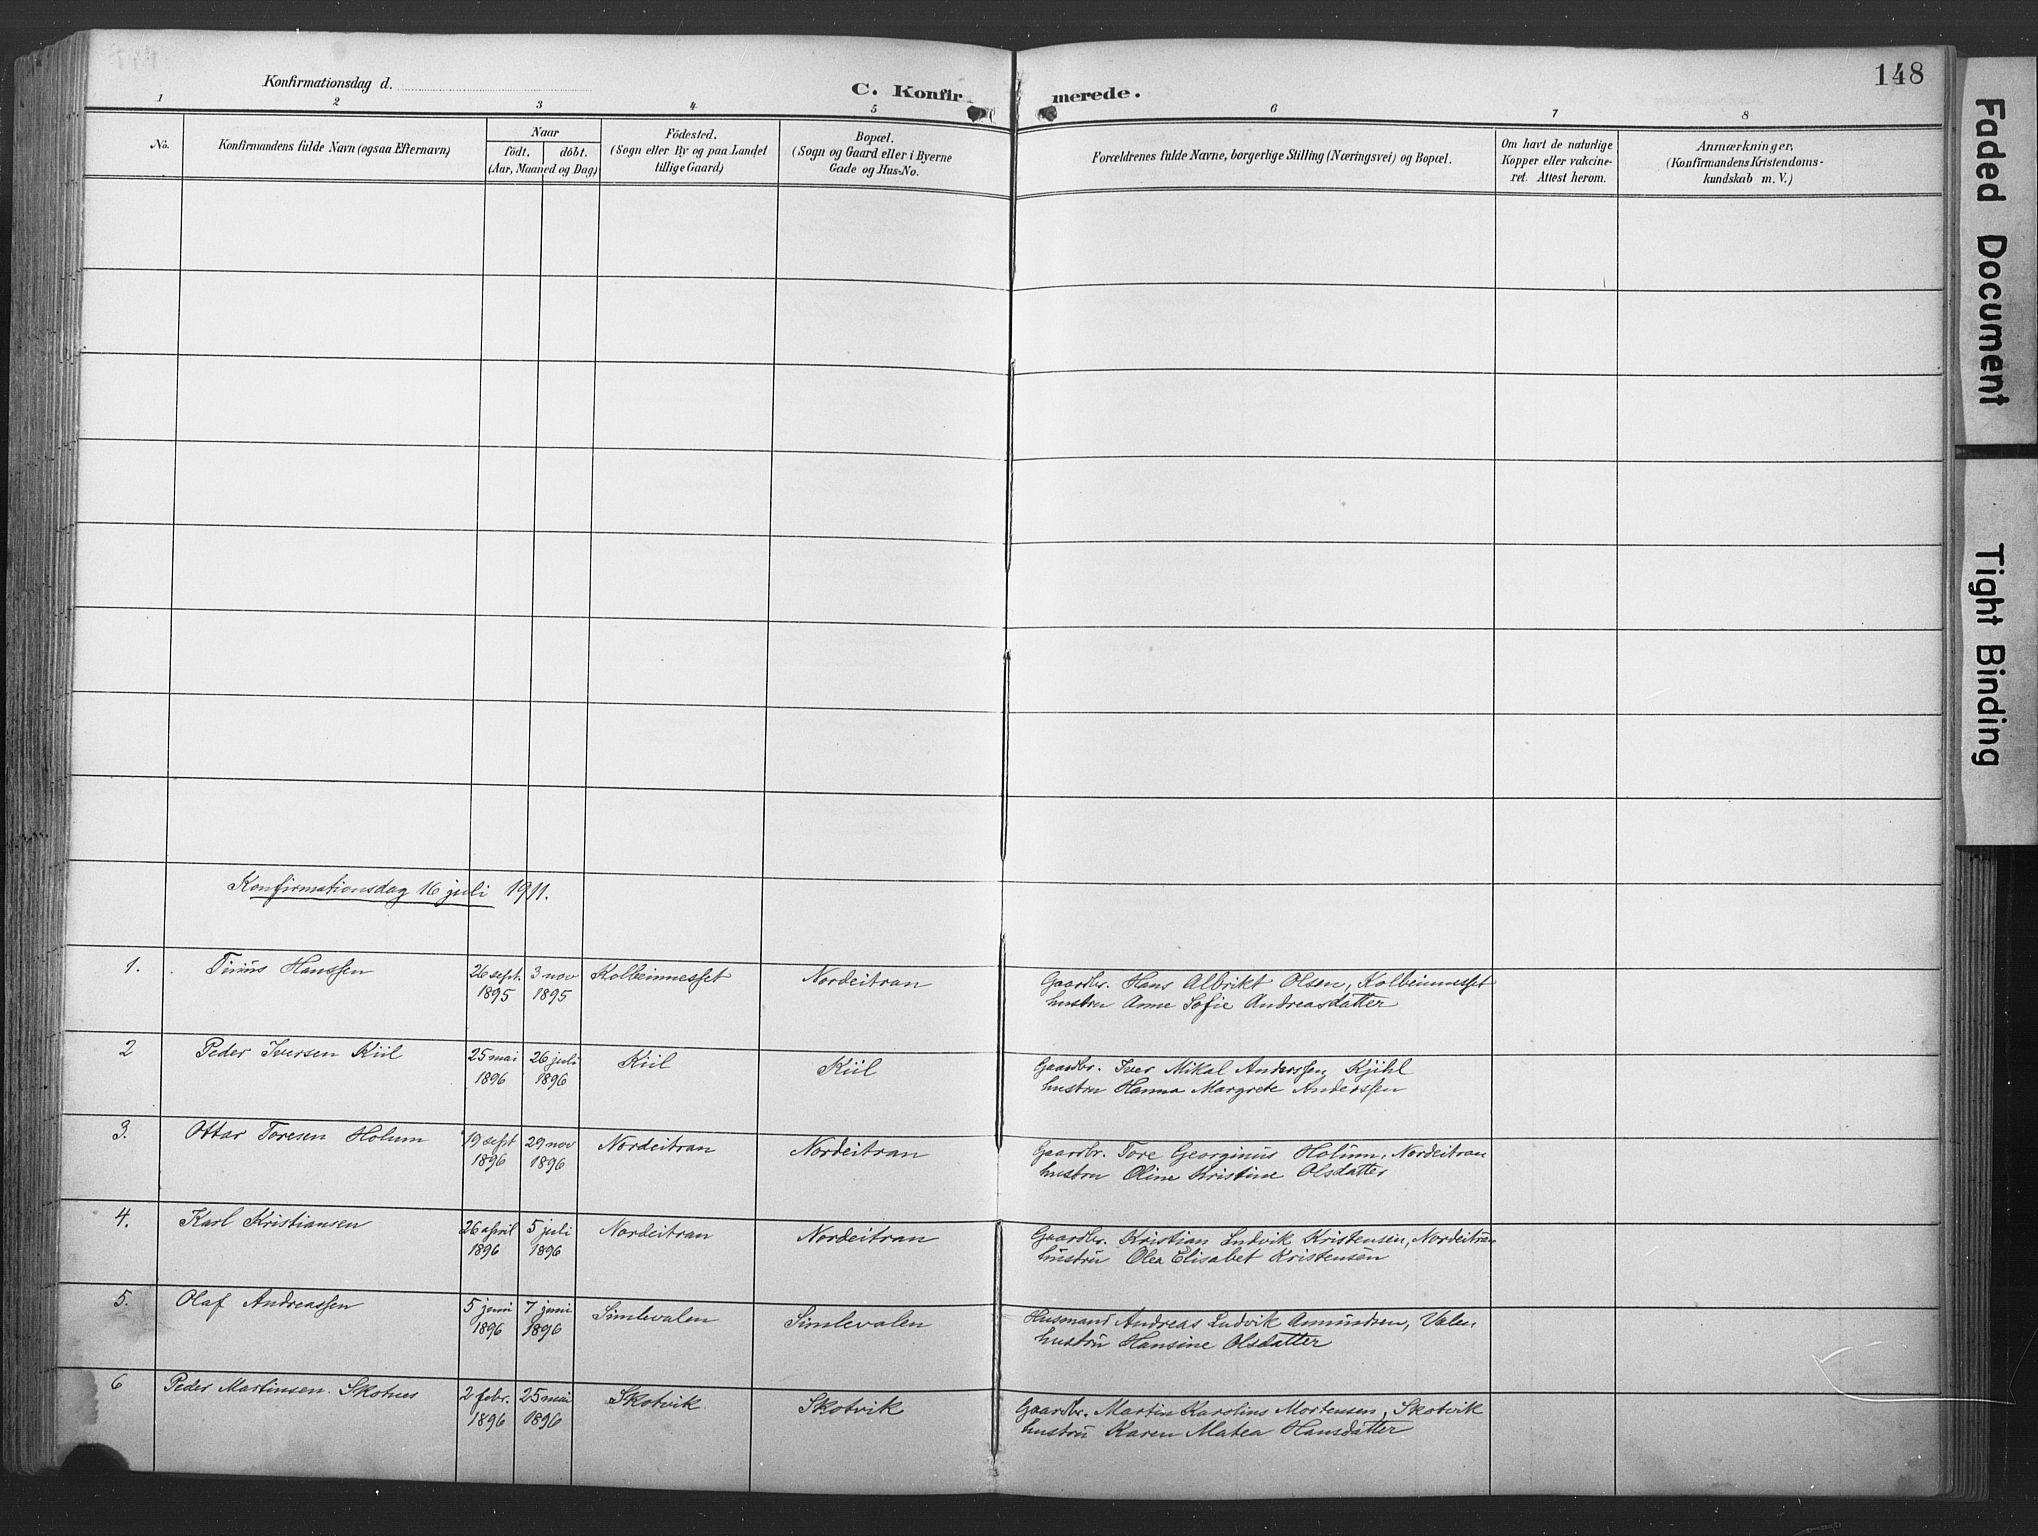 SAT, Ministerialprotokoller, klokkerbøker og fødselsregistre - Nord-Trøndelag, 789/L0706: Klokkerbok nr. 789C01, 1888-1931, s. 148